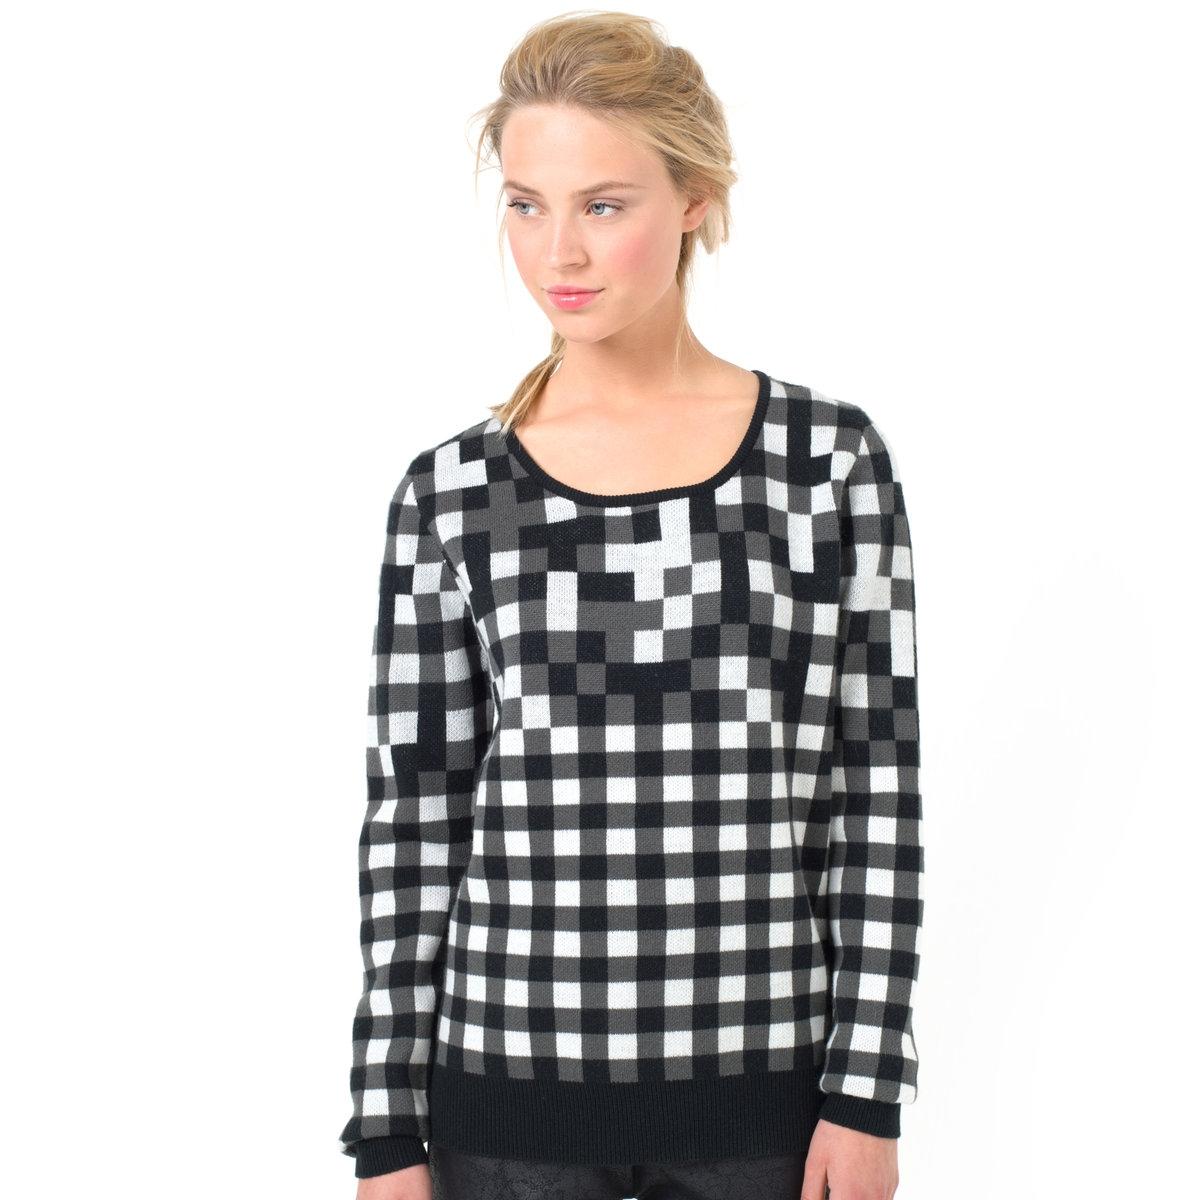 ПуловерПуловер NUMPH. 70% шерсти, 30% акрила. Круглый вырез. Рисунок в клетку.<br><br>Цвет: черный/ серый/ белый<br>Размер: S